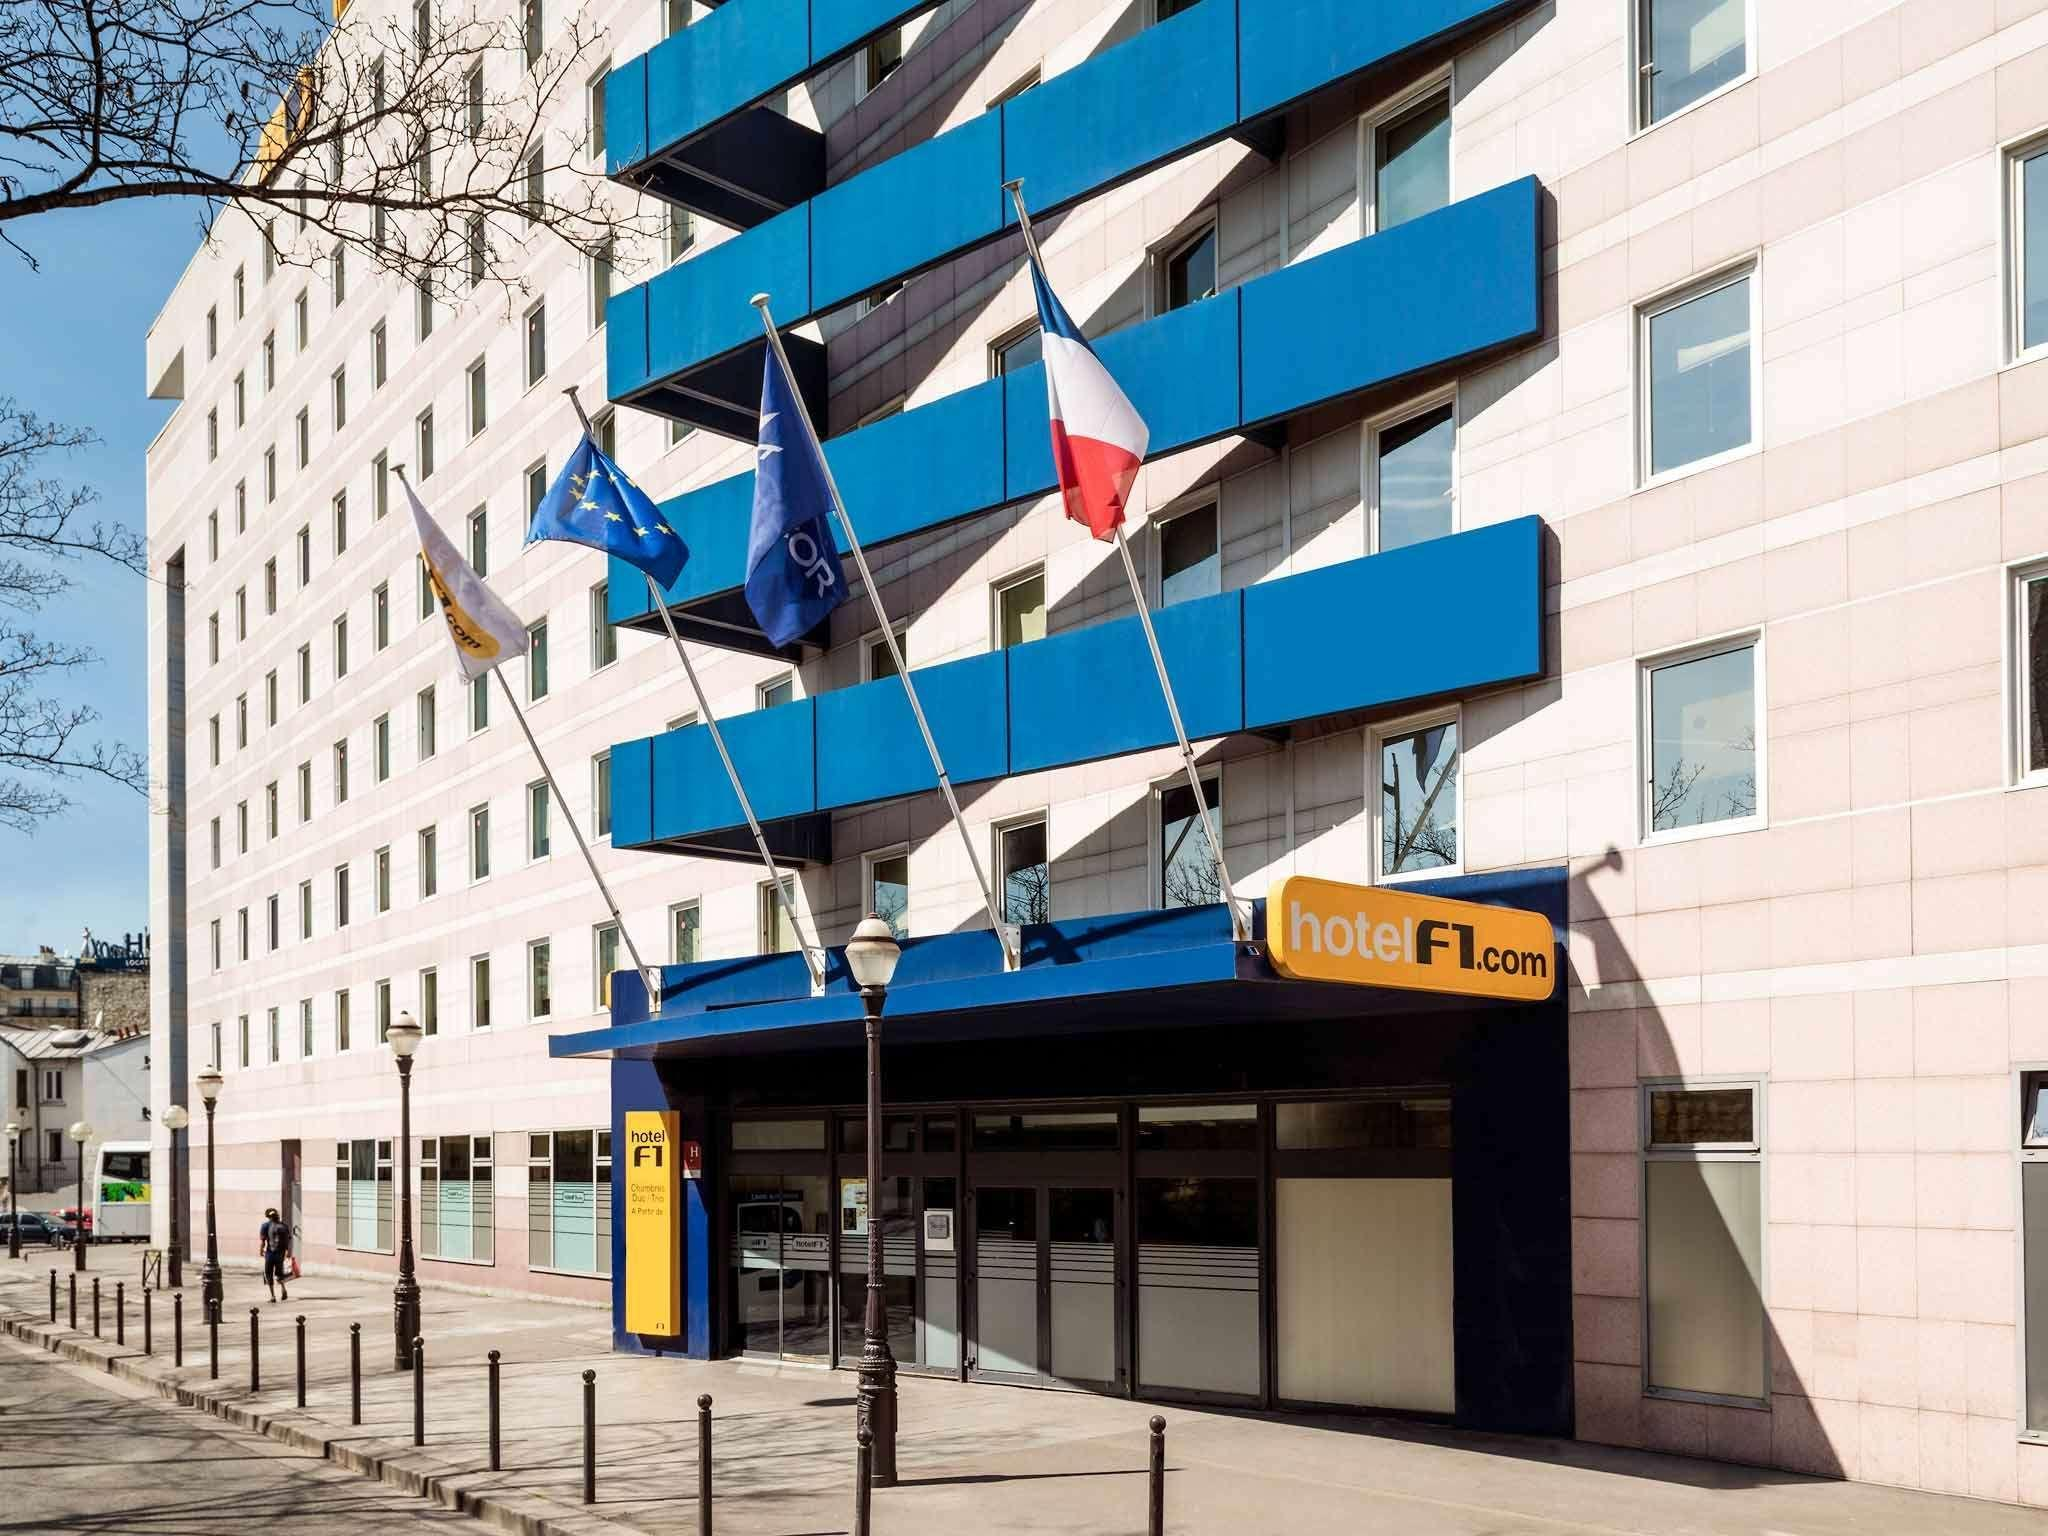 HotelF1 Paris Saint Ouen Marche Aux Puces